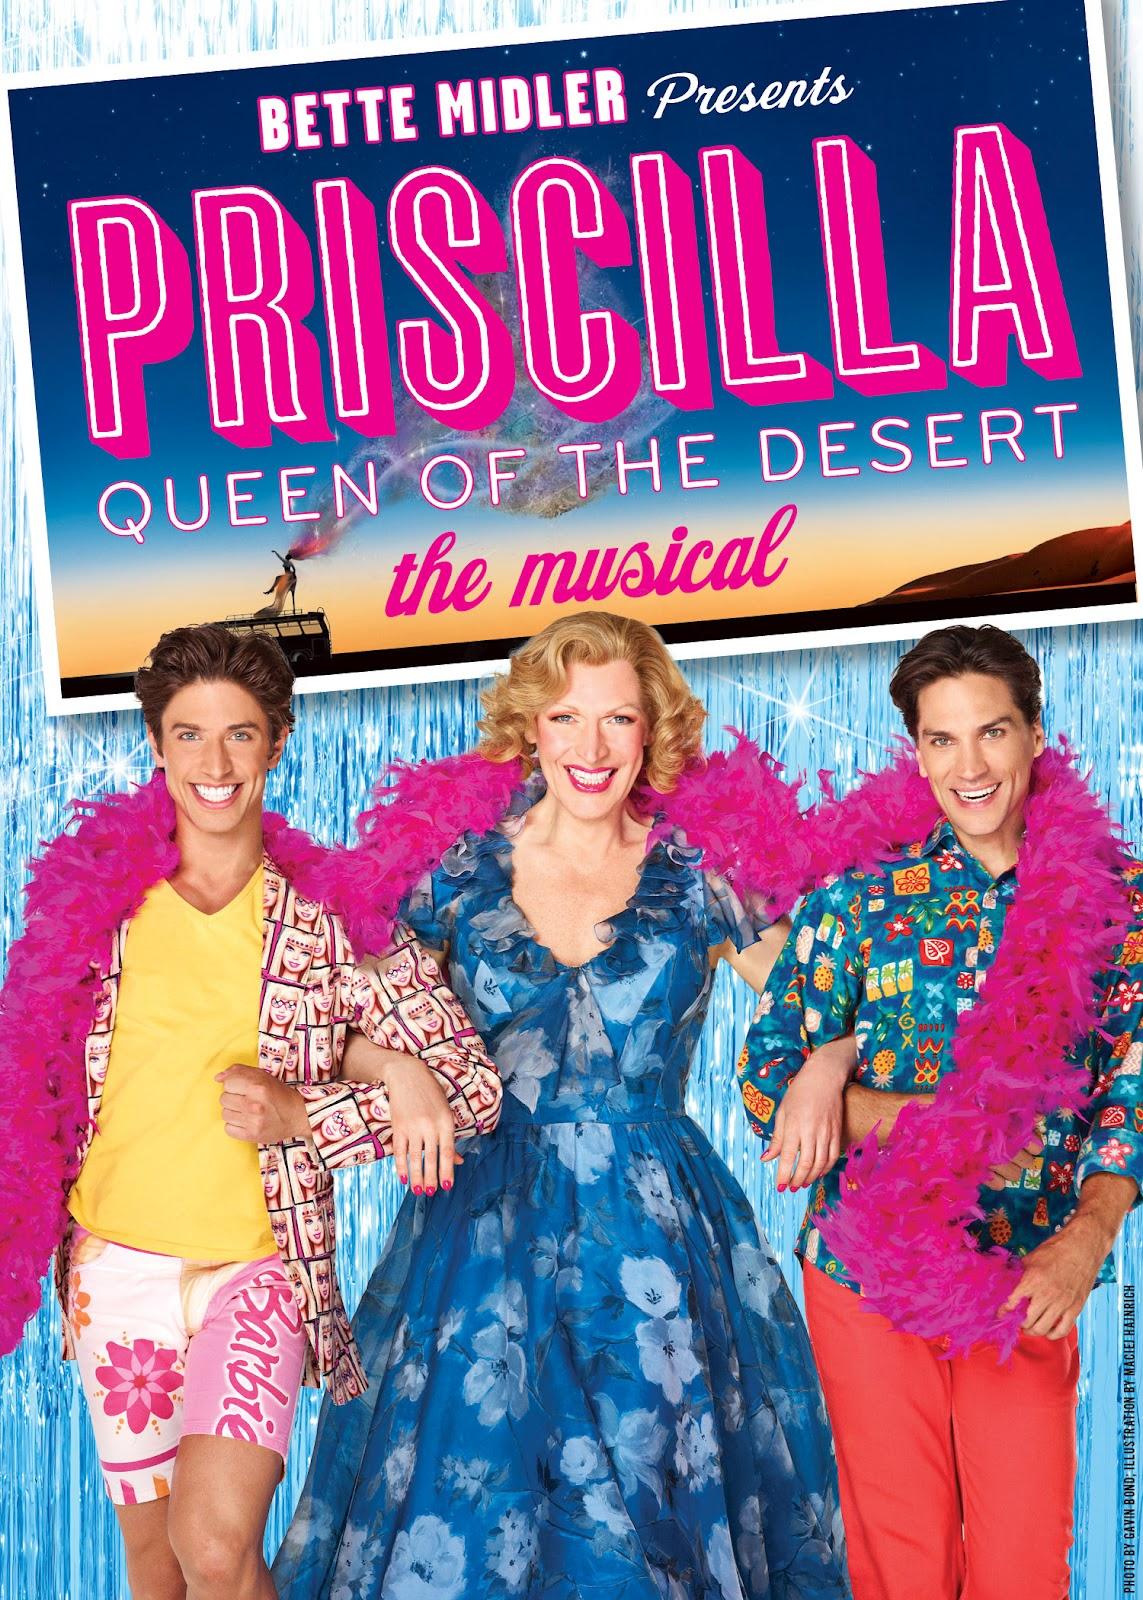 http://3.bp.blogspot.com/-uGpY0KIIuyI/T2gLOix6kHI/AAAAAAAAAN0/IiuOyGv8hpY/s1600/Priscilla2012.jpg